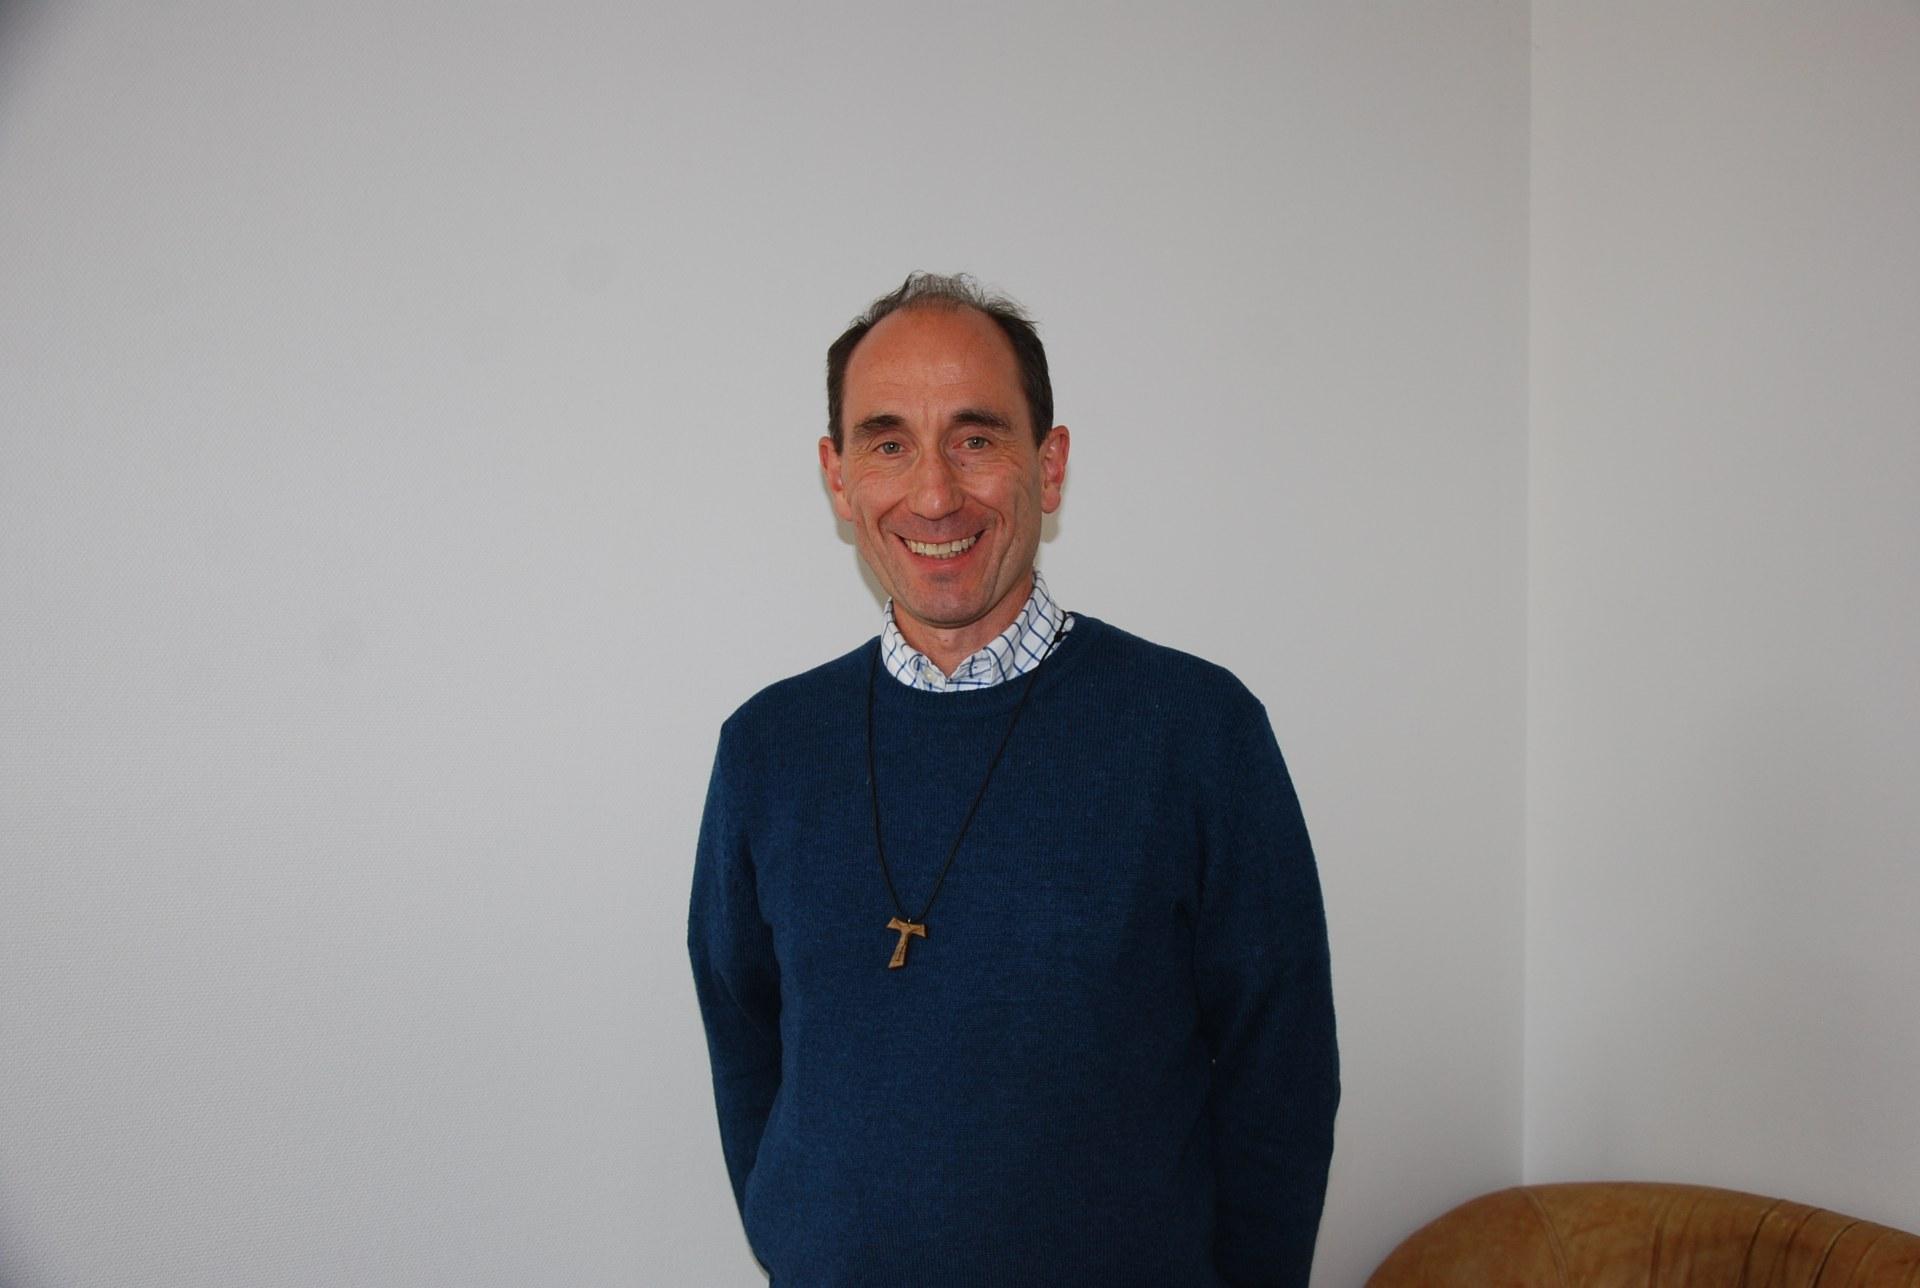 Jean Develter